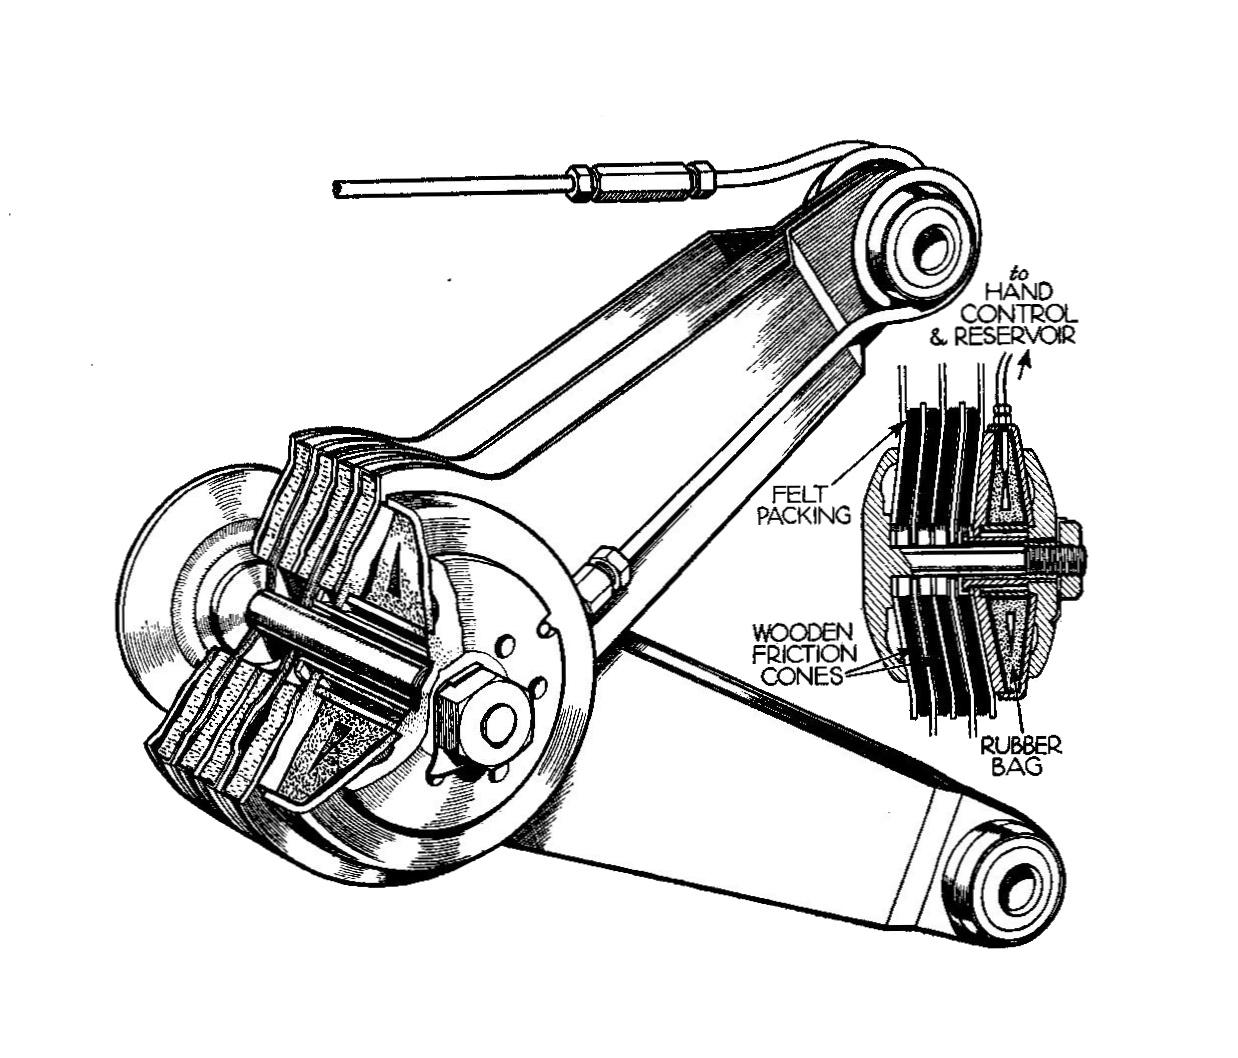 File:Telecontrol adjustable friction disk shock absorber